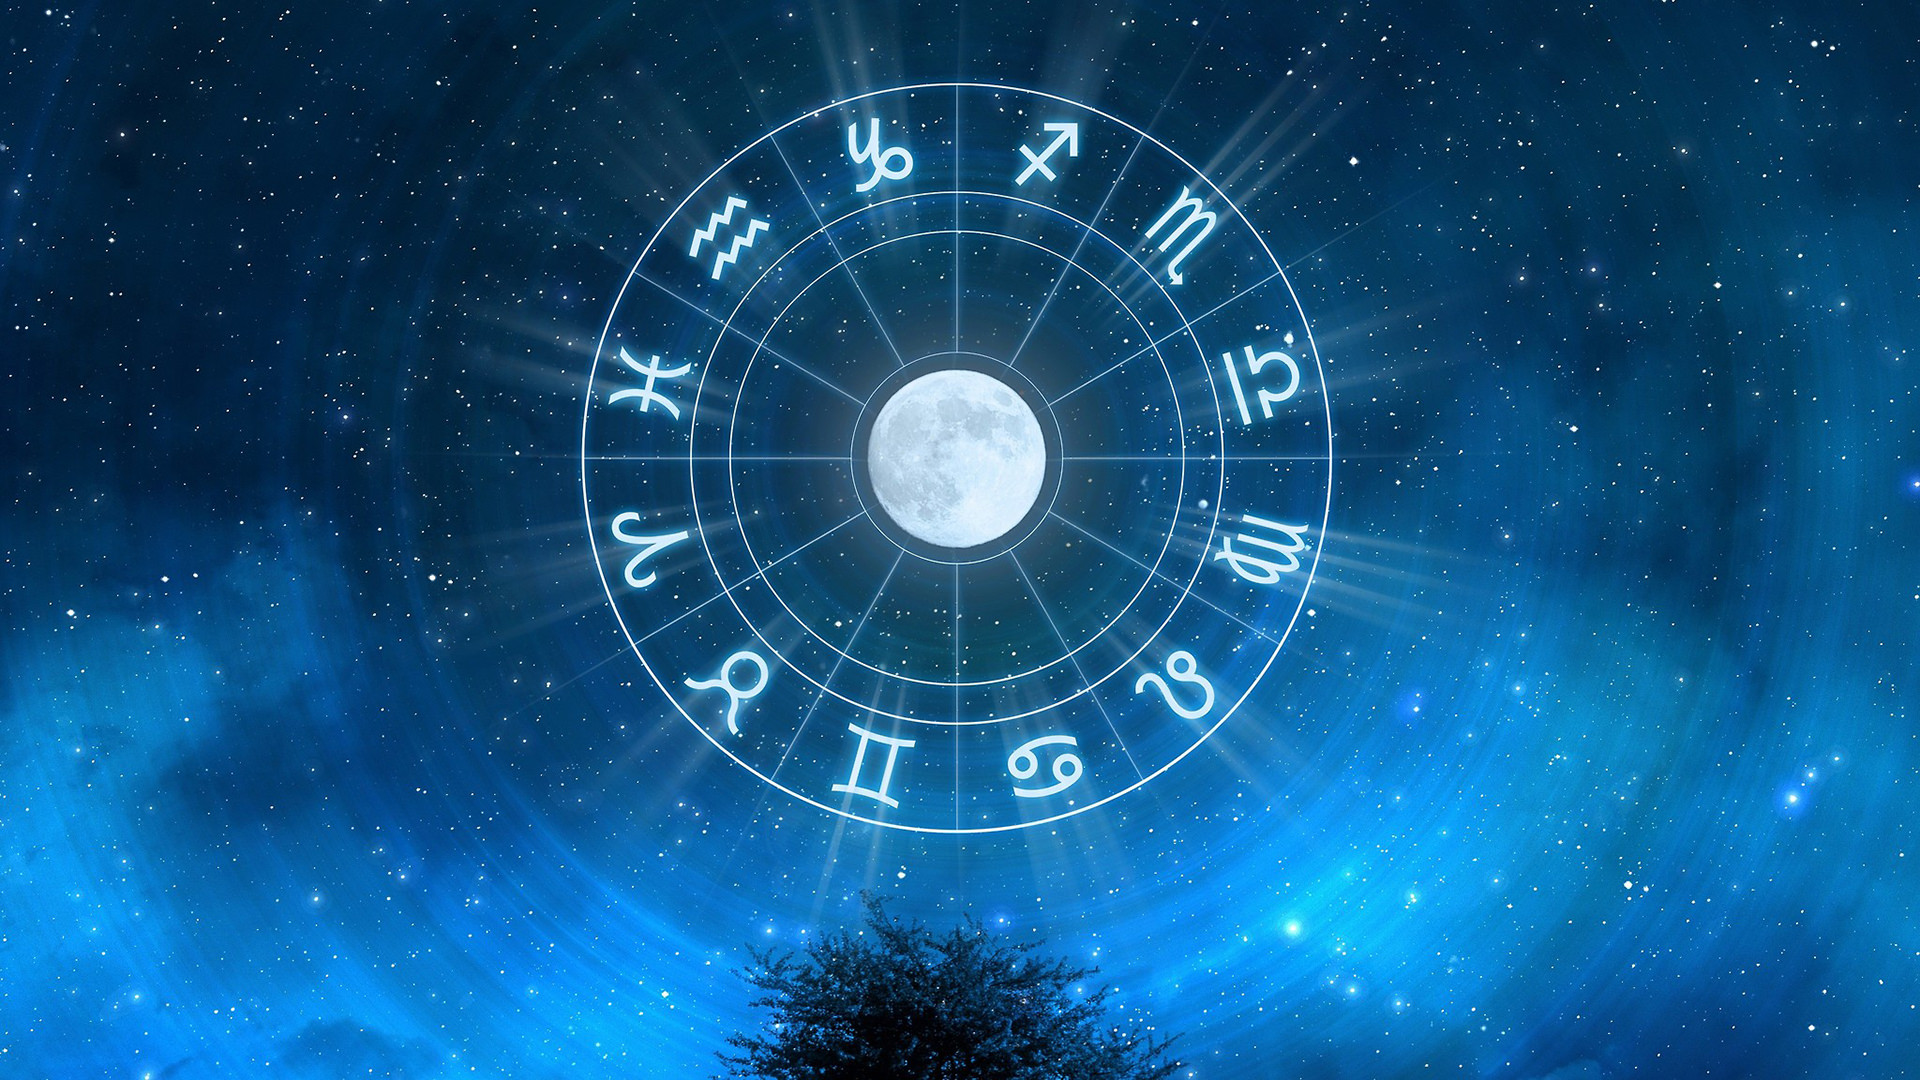 гороскоп овен 2 сентября